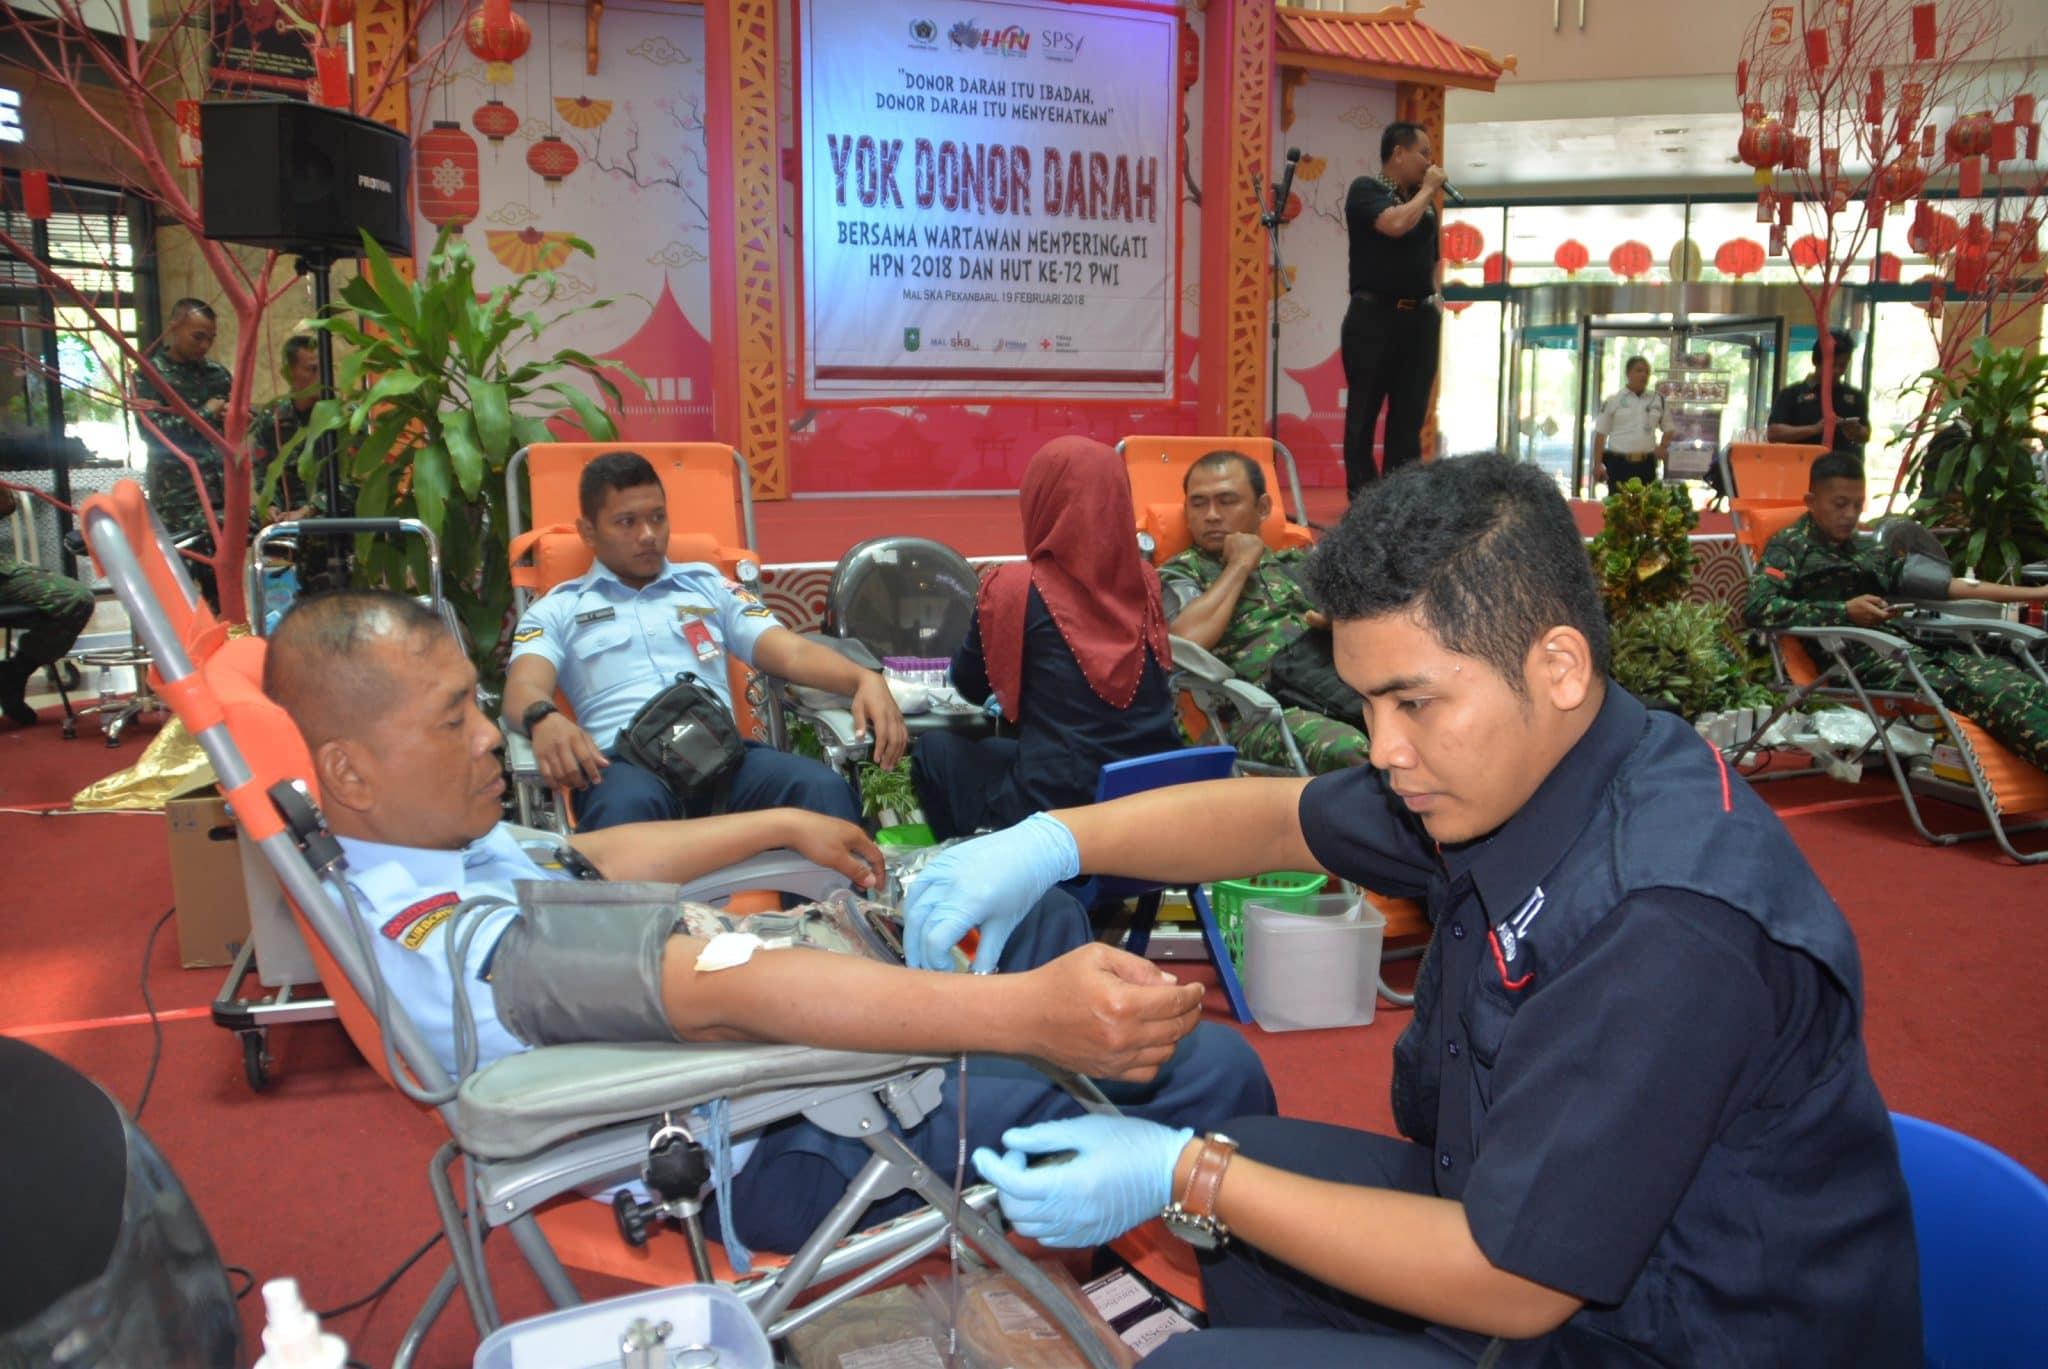 Personel Lanud Rsn Ikuti Donor Darah Yang digelar PWI Riau